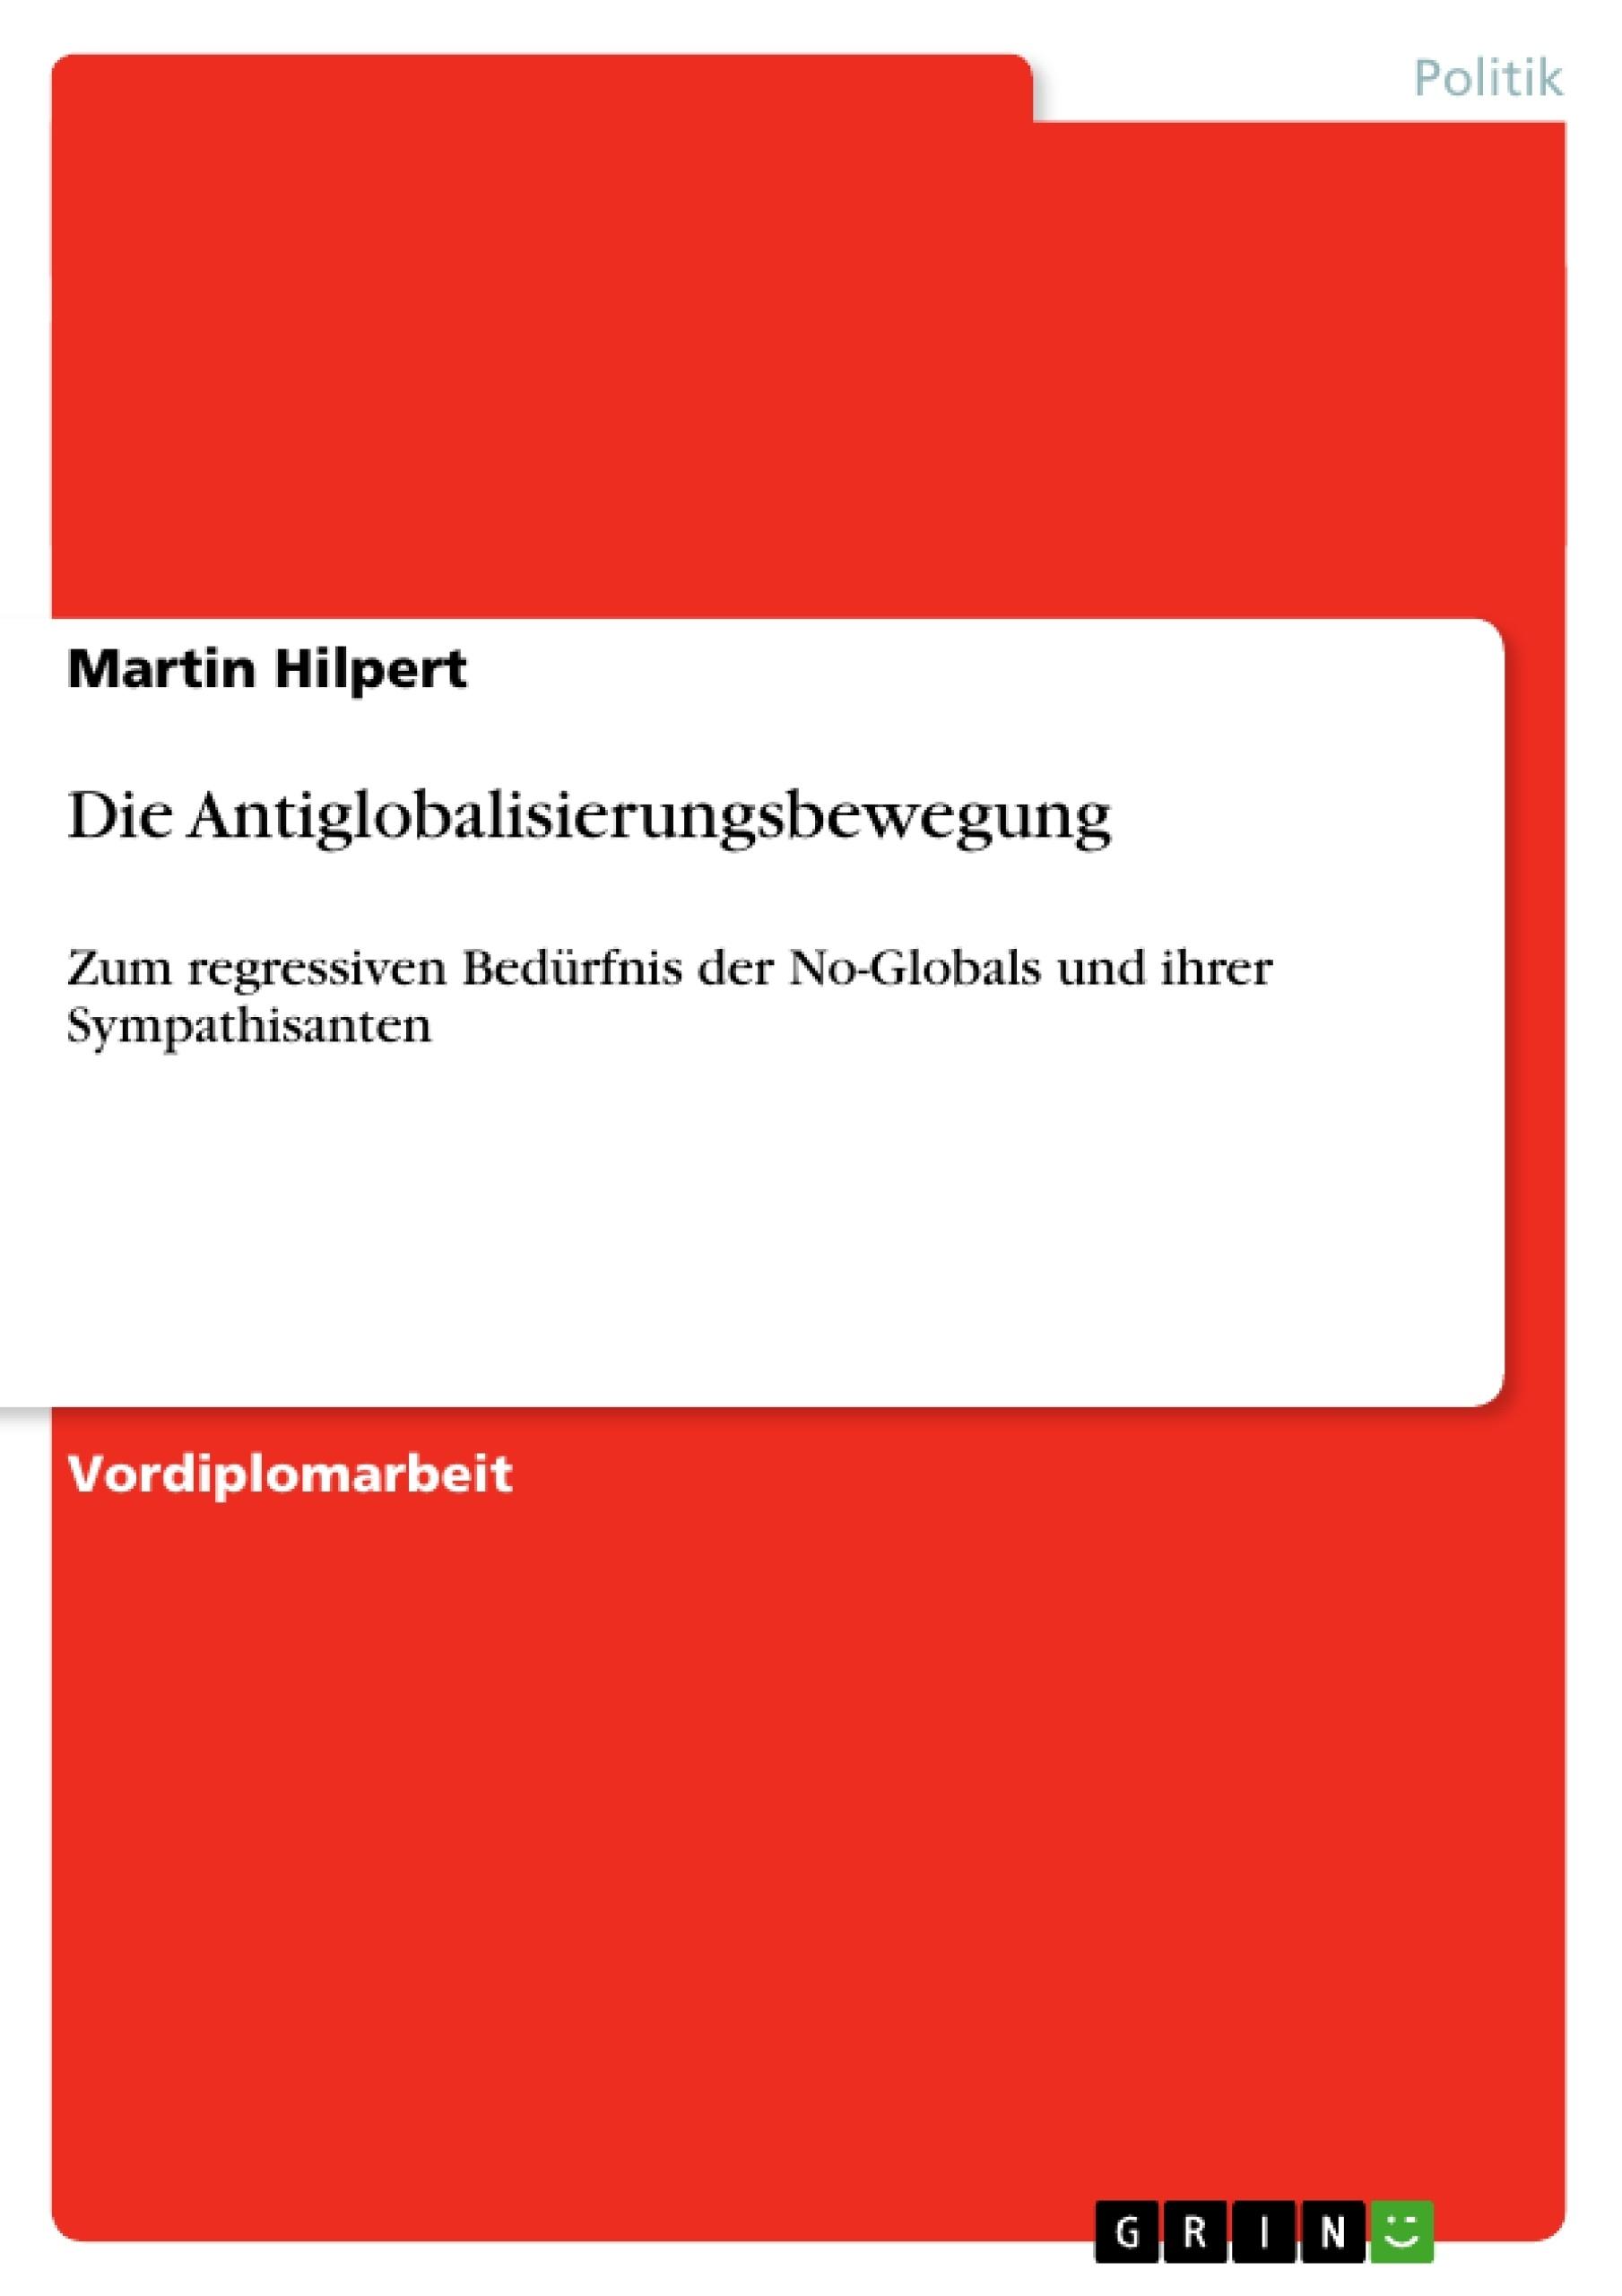 Titel: Die Antiglobalisierungsbewegung